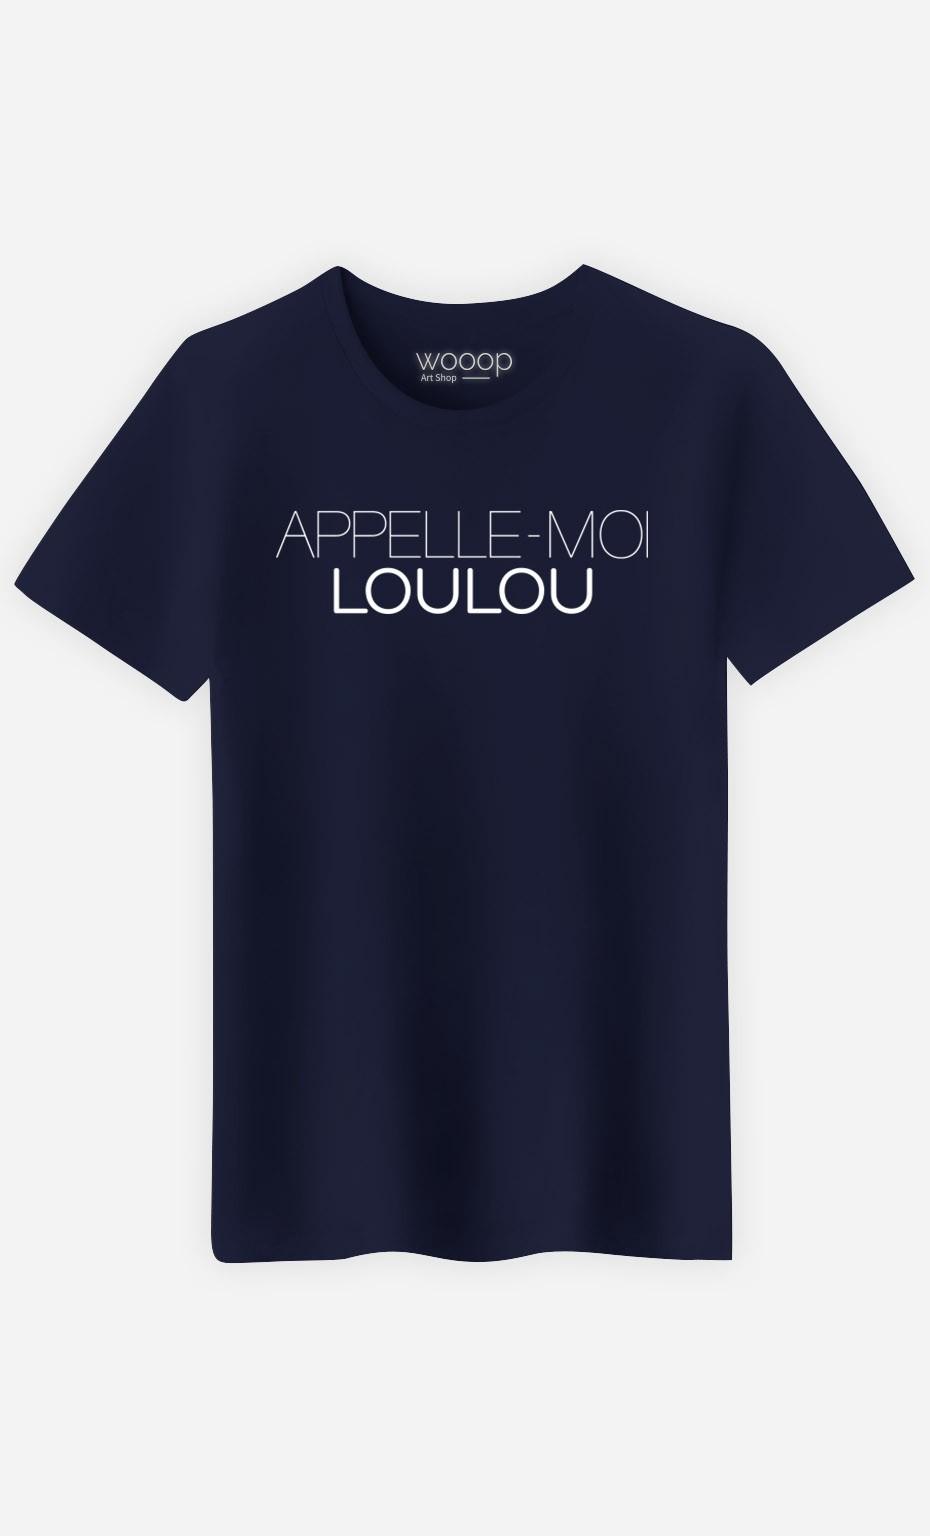 T-Shirt Appelle-Moi Loulou